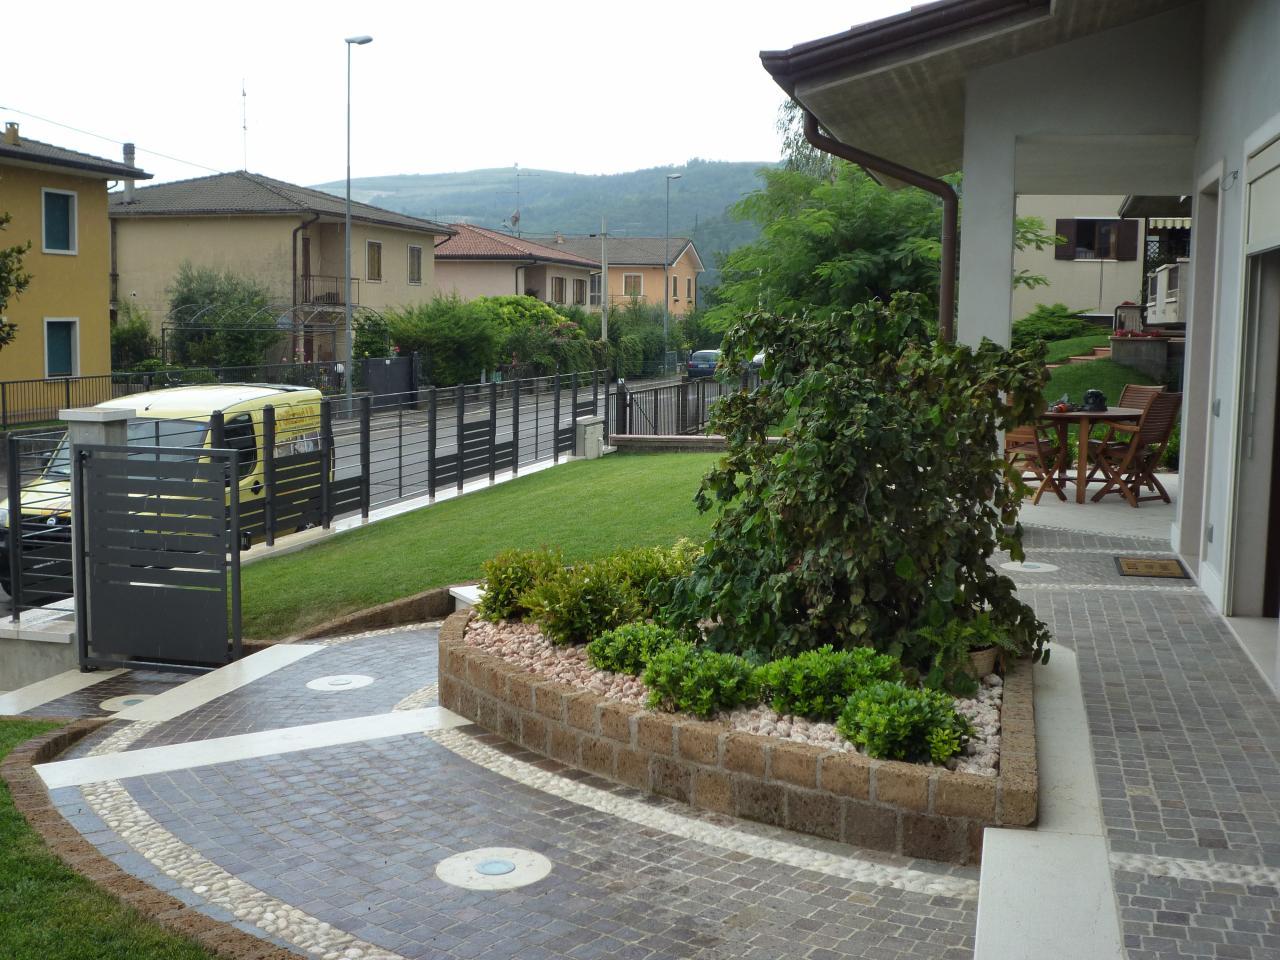 Pavimento per esterno a verona realizzato da pellizzari fratelli pellizzari - Pavimento da esterno carrabile ...